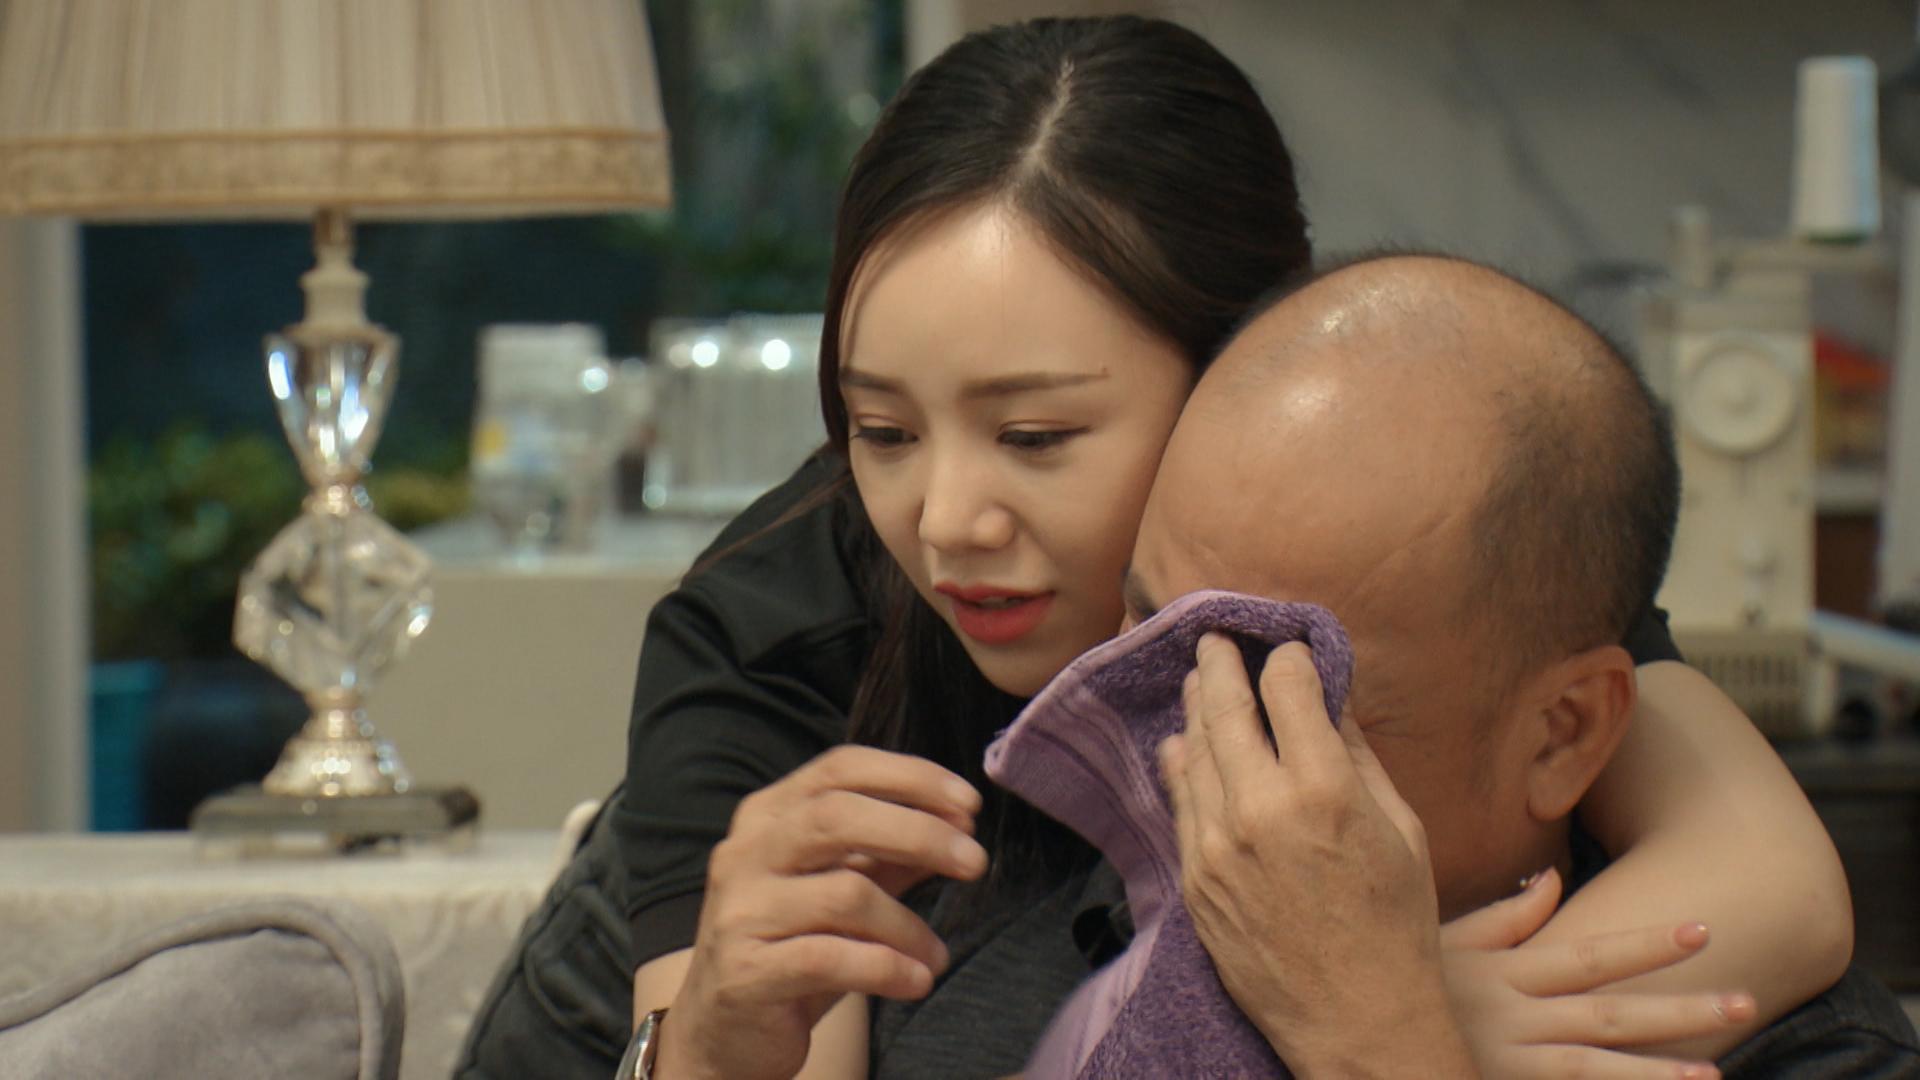 'Mẹ ơi, bố đâu rồi' tập 2: Phát hiện có người theo dõi, Quỳnh Kool xịt hơi cay và ngã ngửa khi nạn nhân là bố mình 8